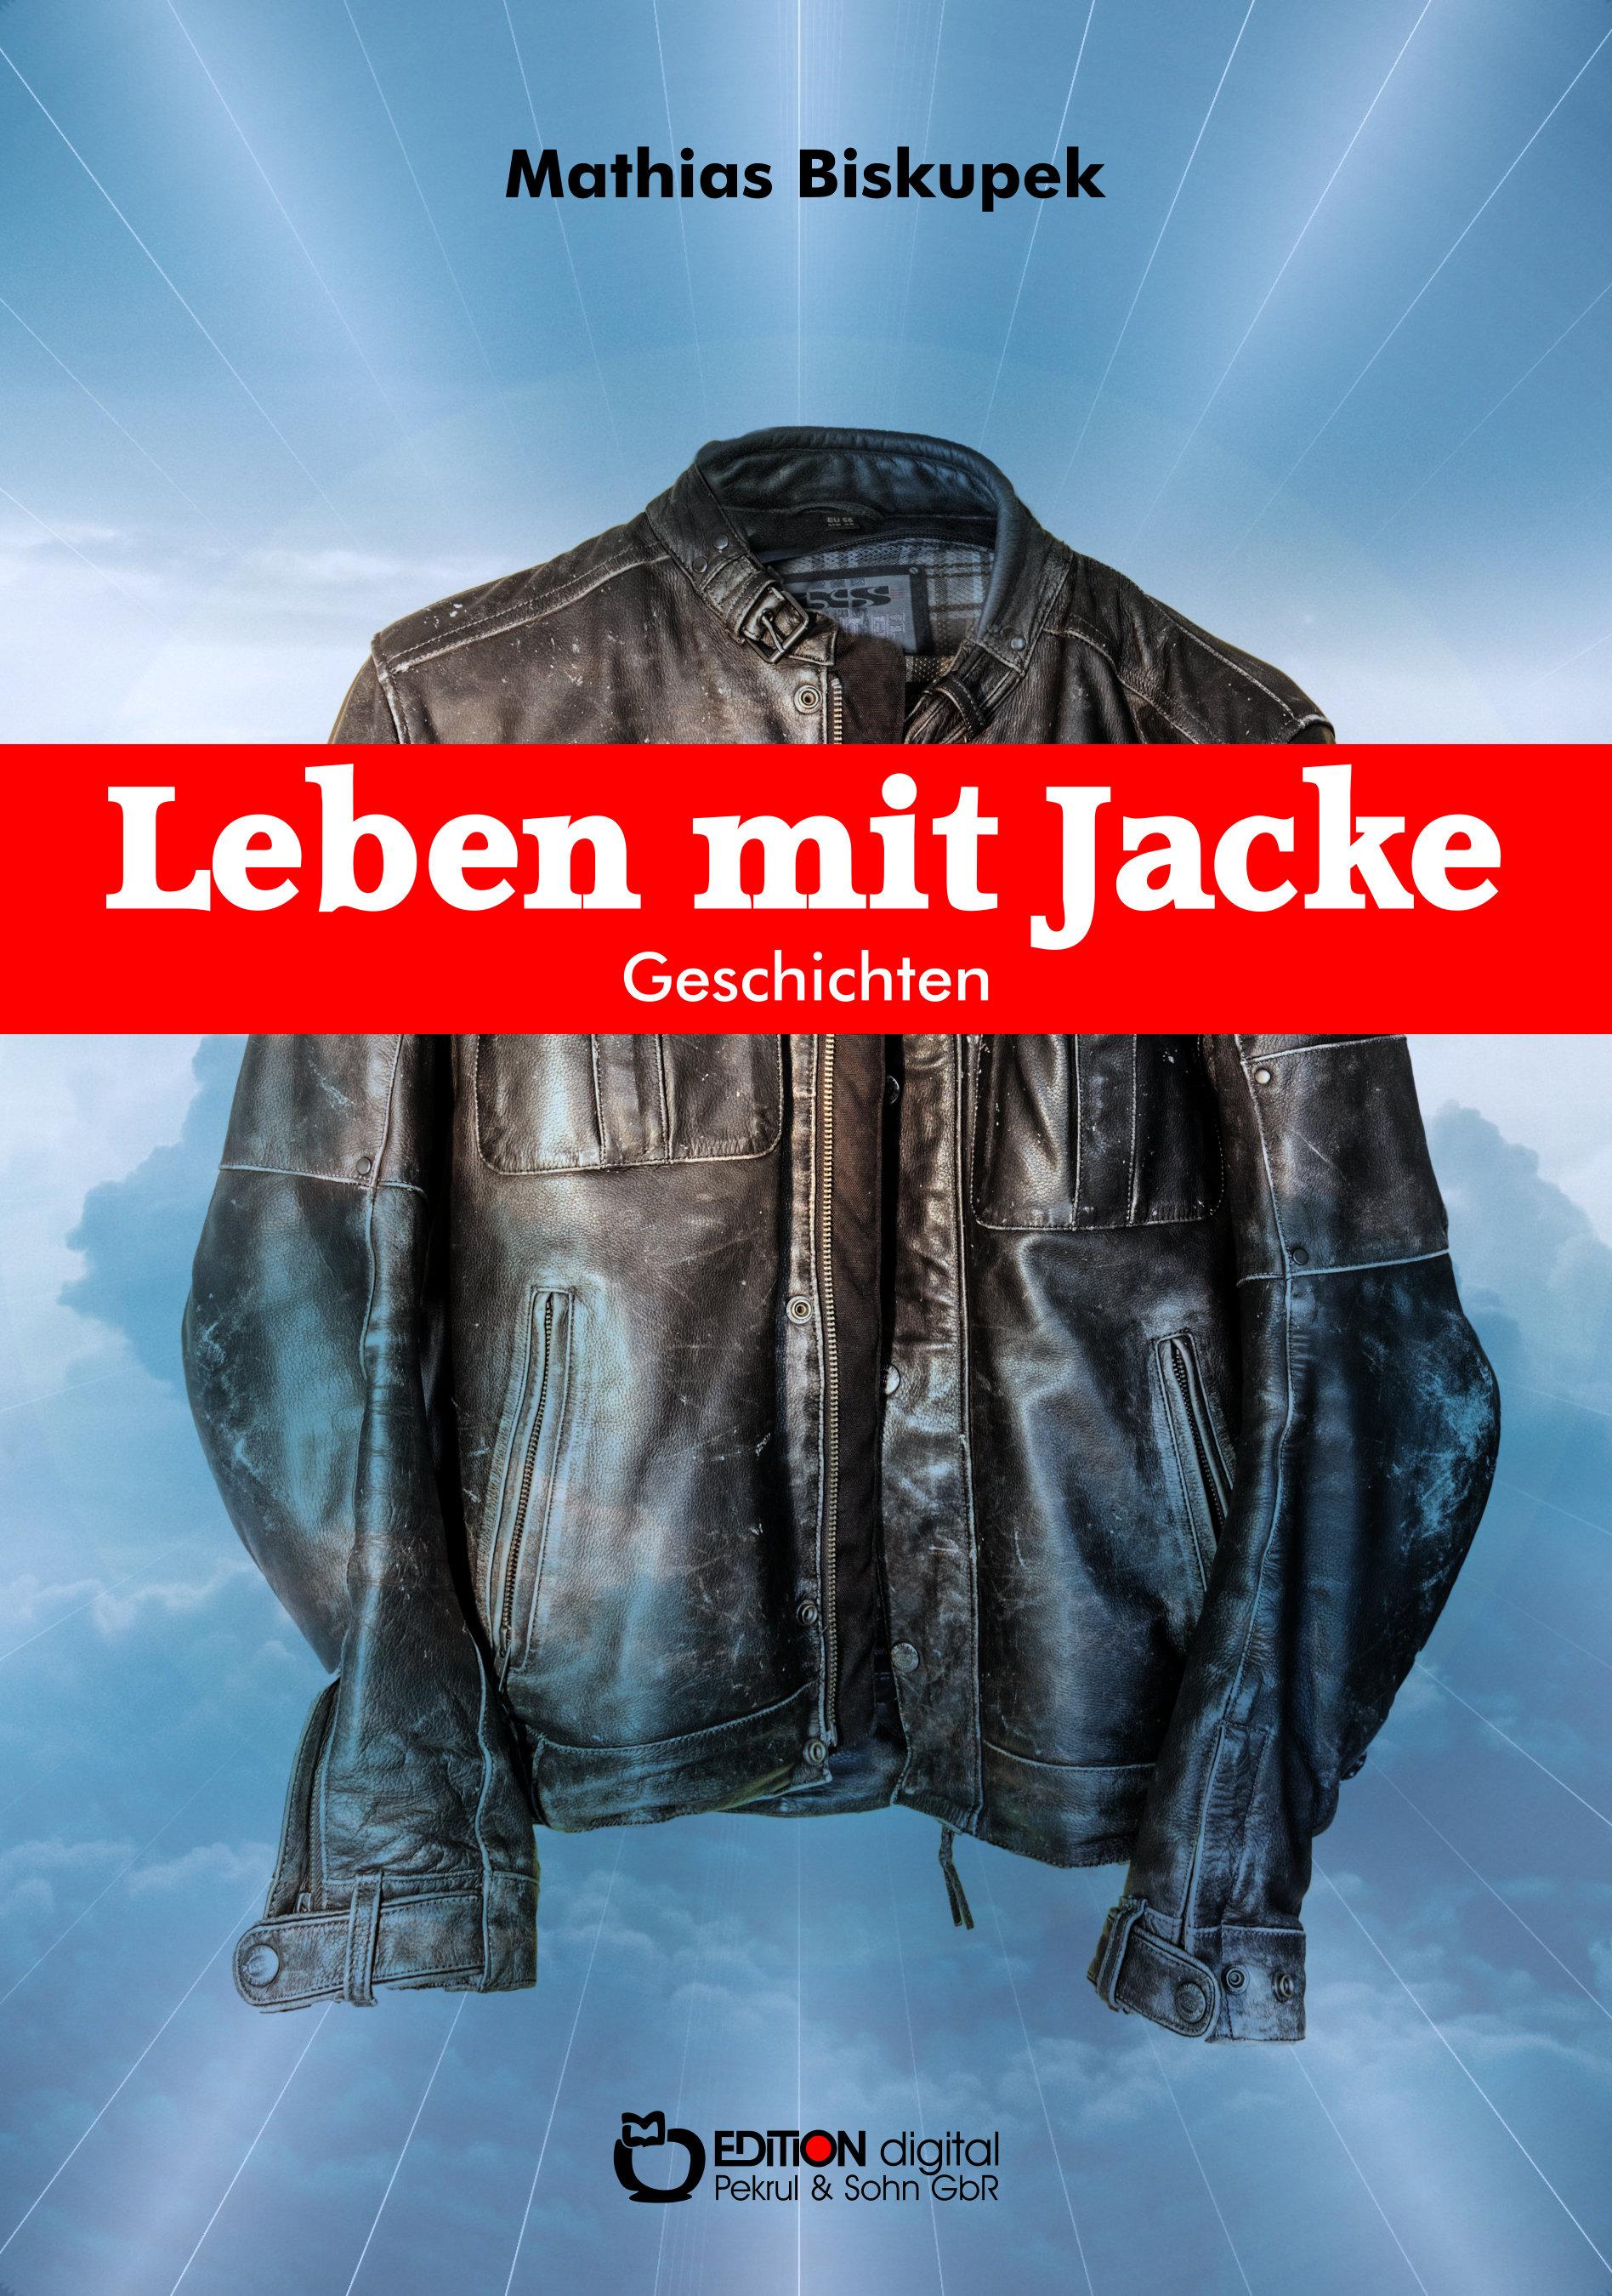 Leben mit Jacke. Geschichten von Matthias Biskupek